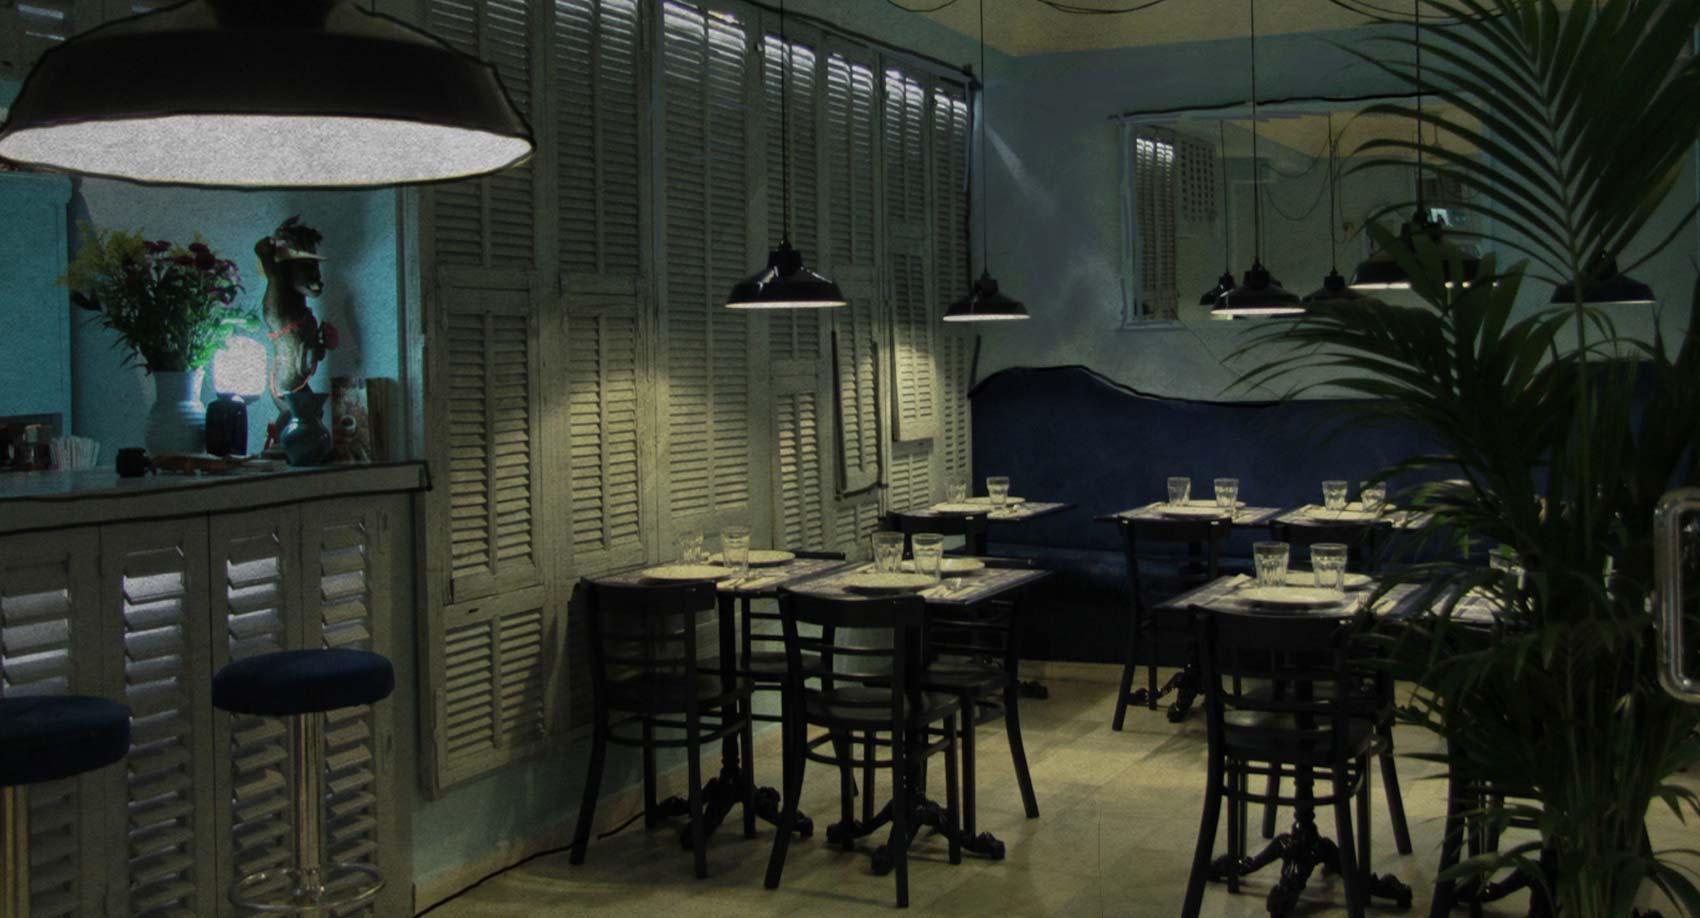 restaurante-gumbo-home-slide-1-bg